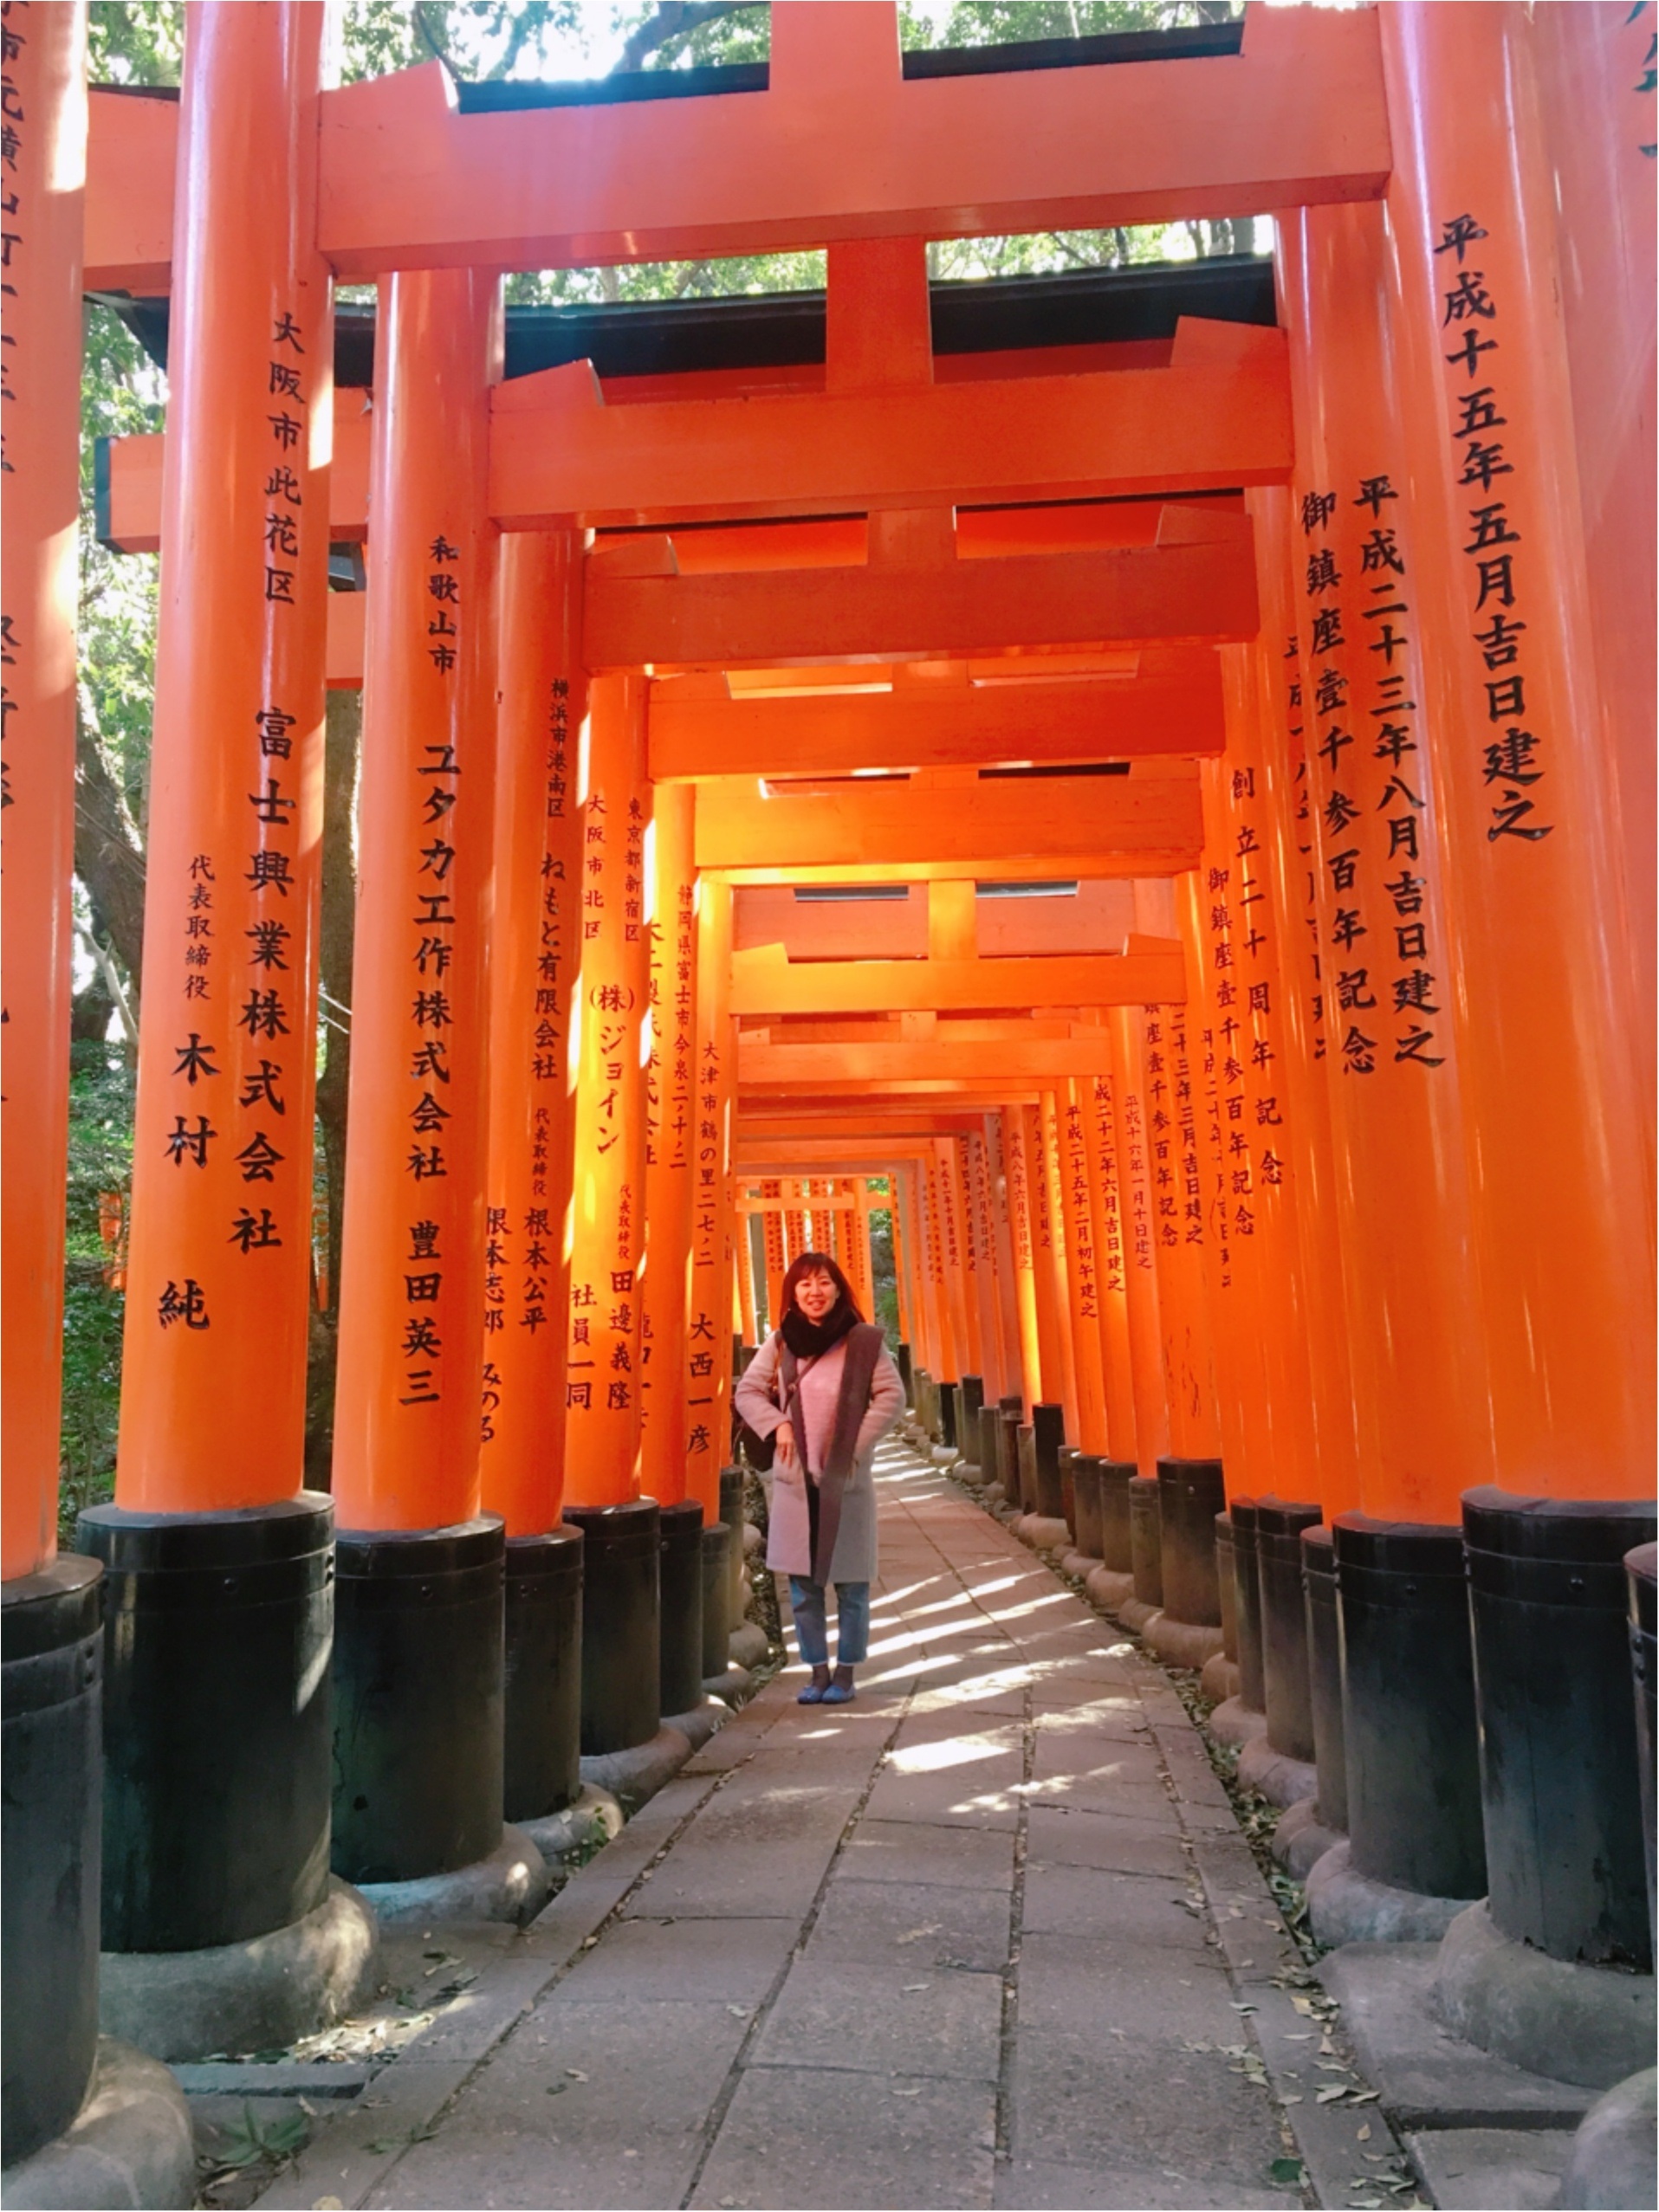 京都女子旅特集《2019年版》- 旅する女子がおすすめする、インスタ映えスポットやカフェ、レンタル着物は?_34